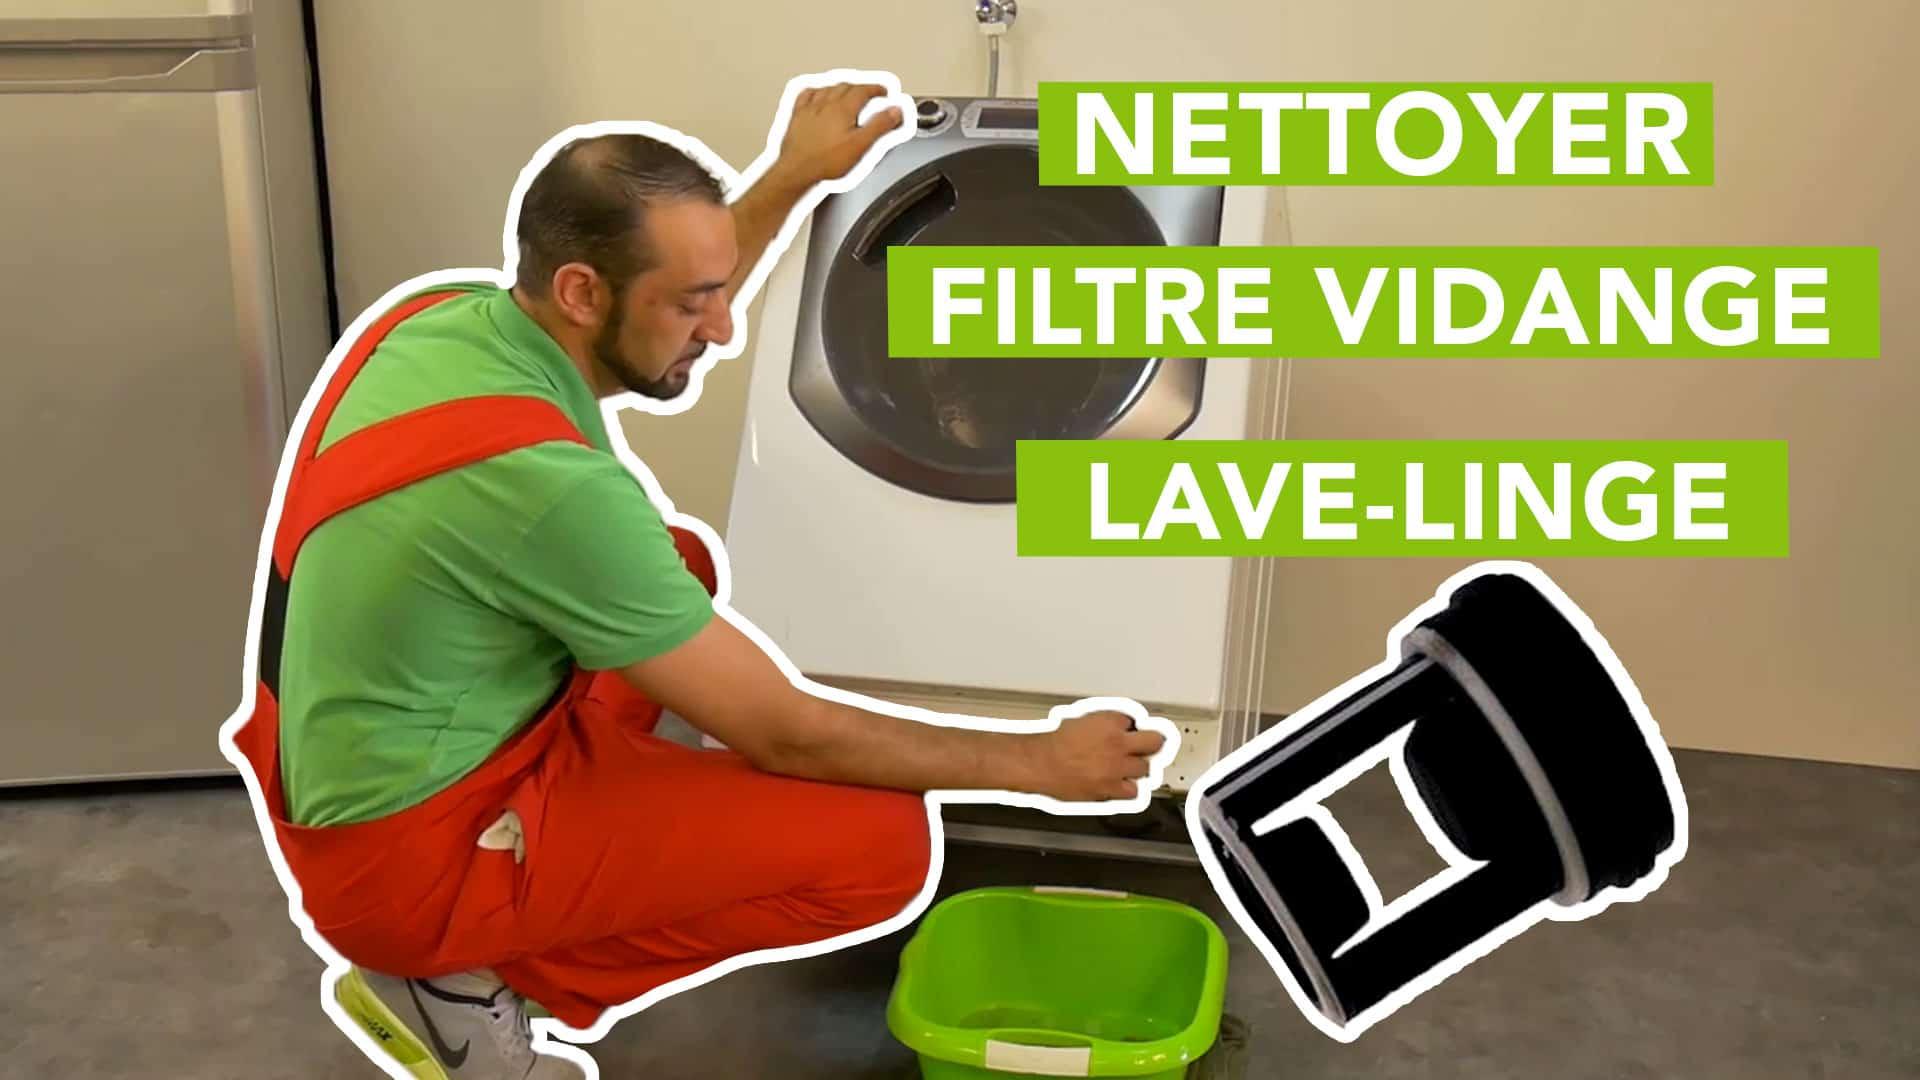 Nettoyer Interieur Lave Vaisselle lave-linge : comment nettoyer un filtre de vidange de lave